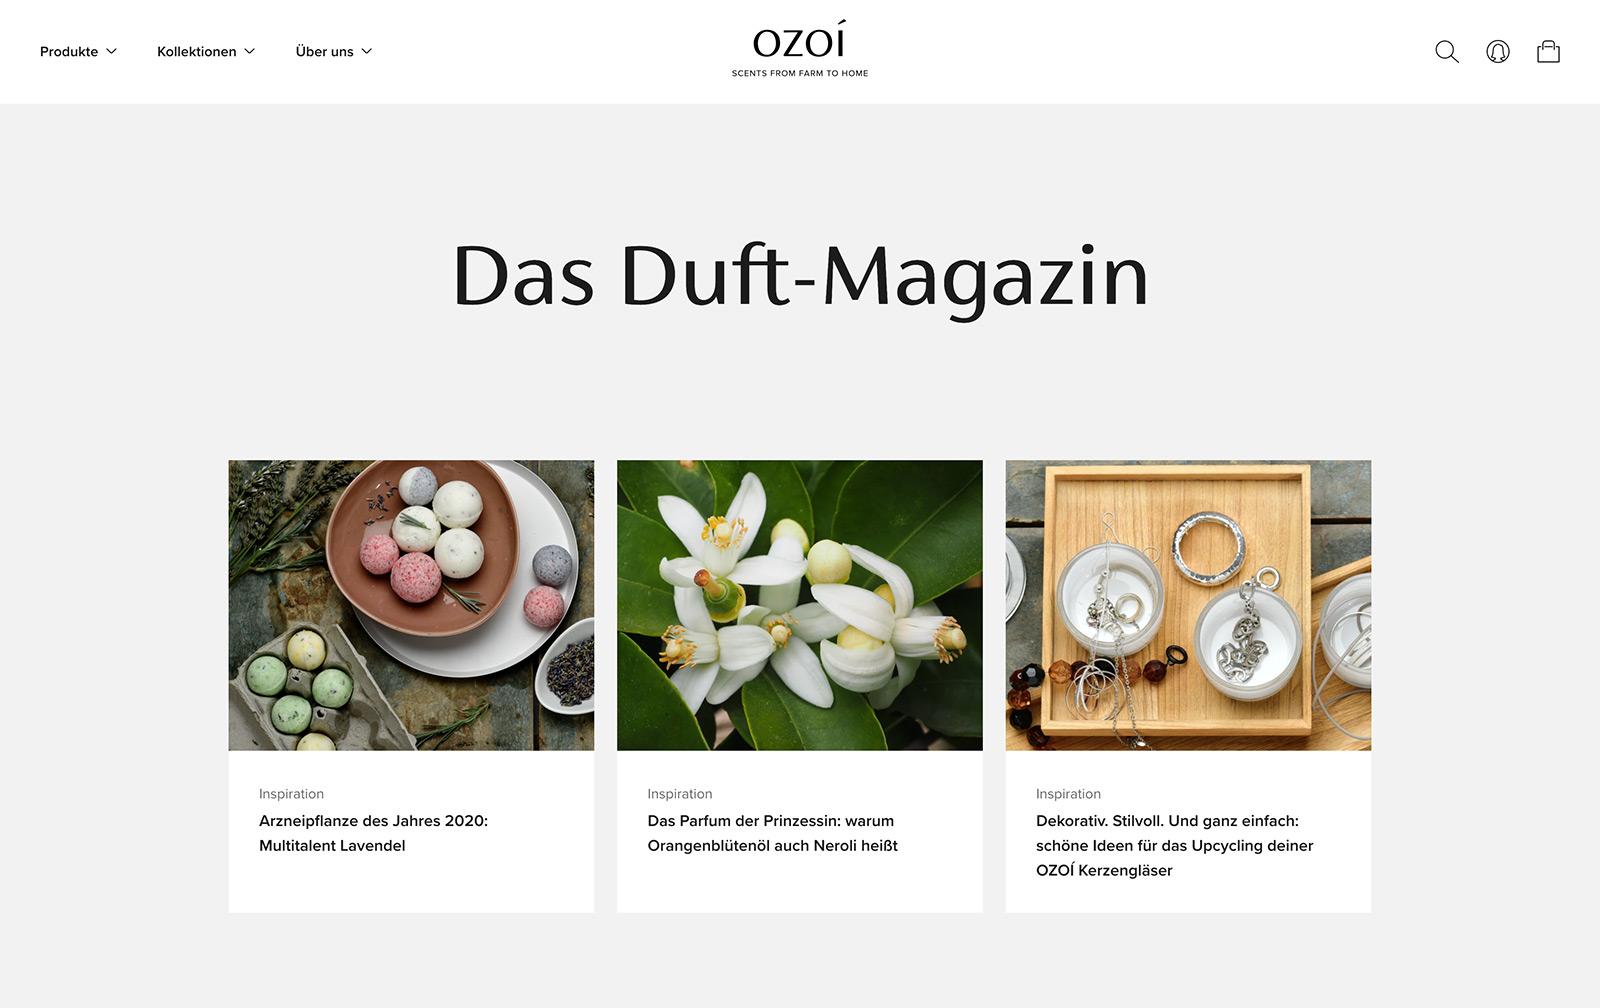 210701_ozoi_duft_magazin_01